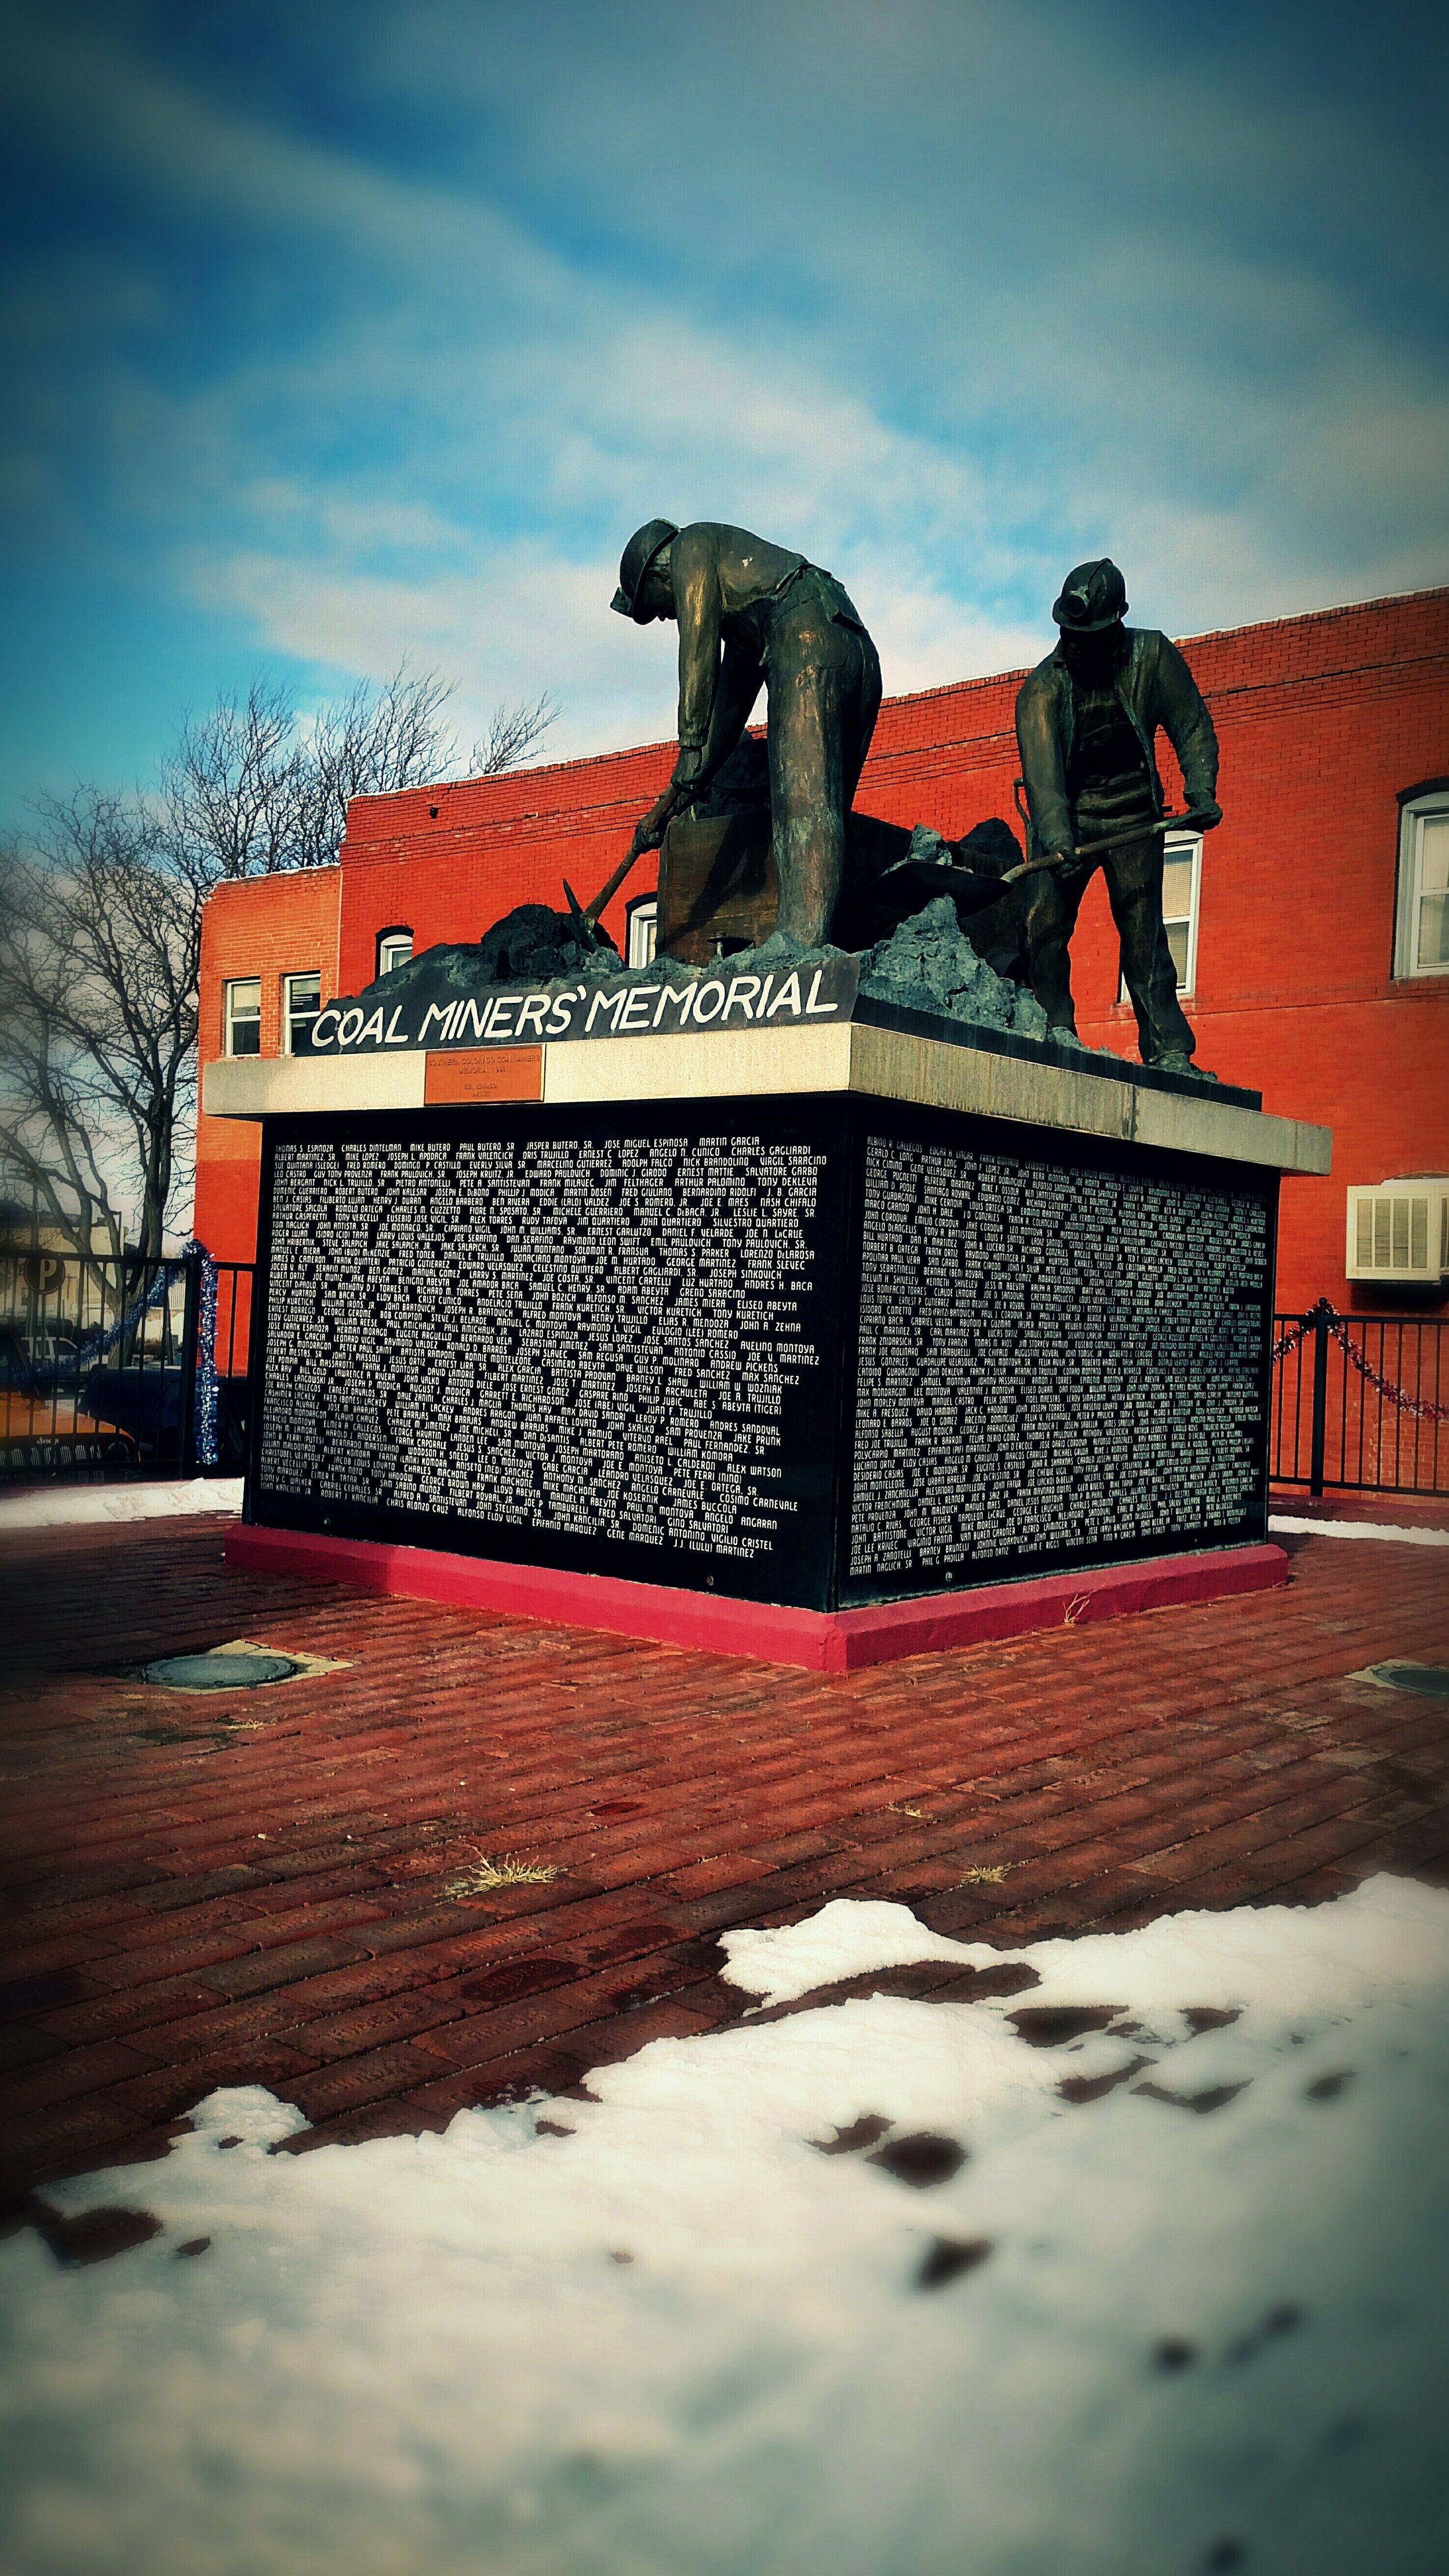 Coal miners' memorial in Trinidad, CO